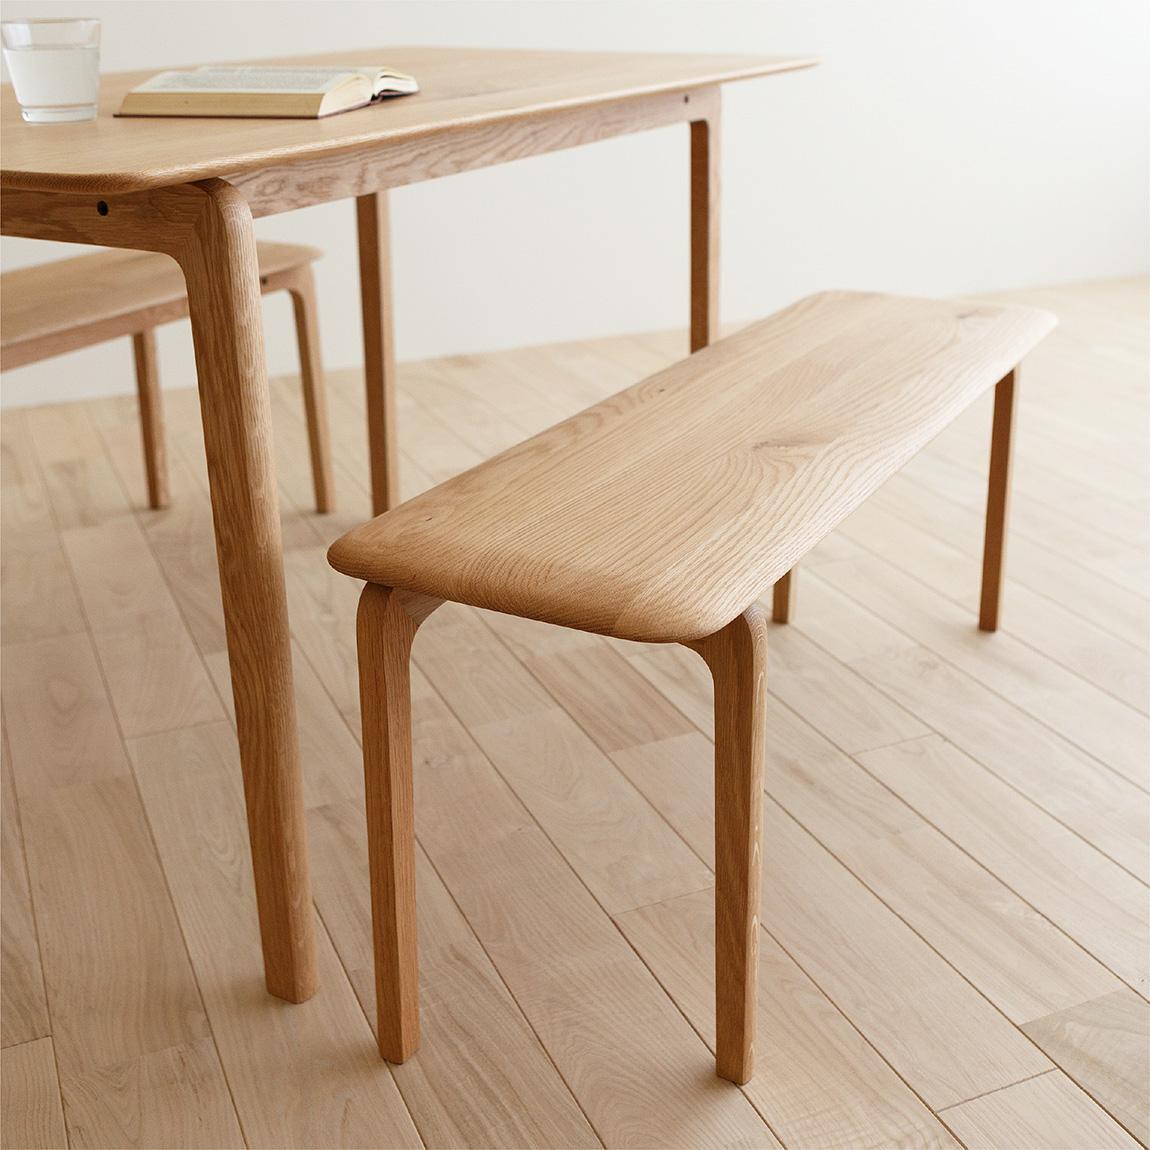 LISCIO Dining Table 126*70, Bench 105 / oak